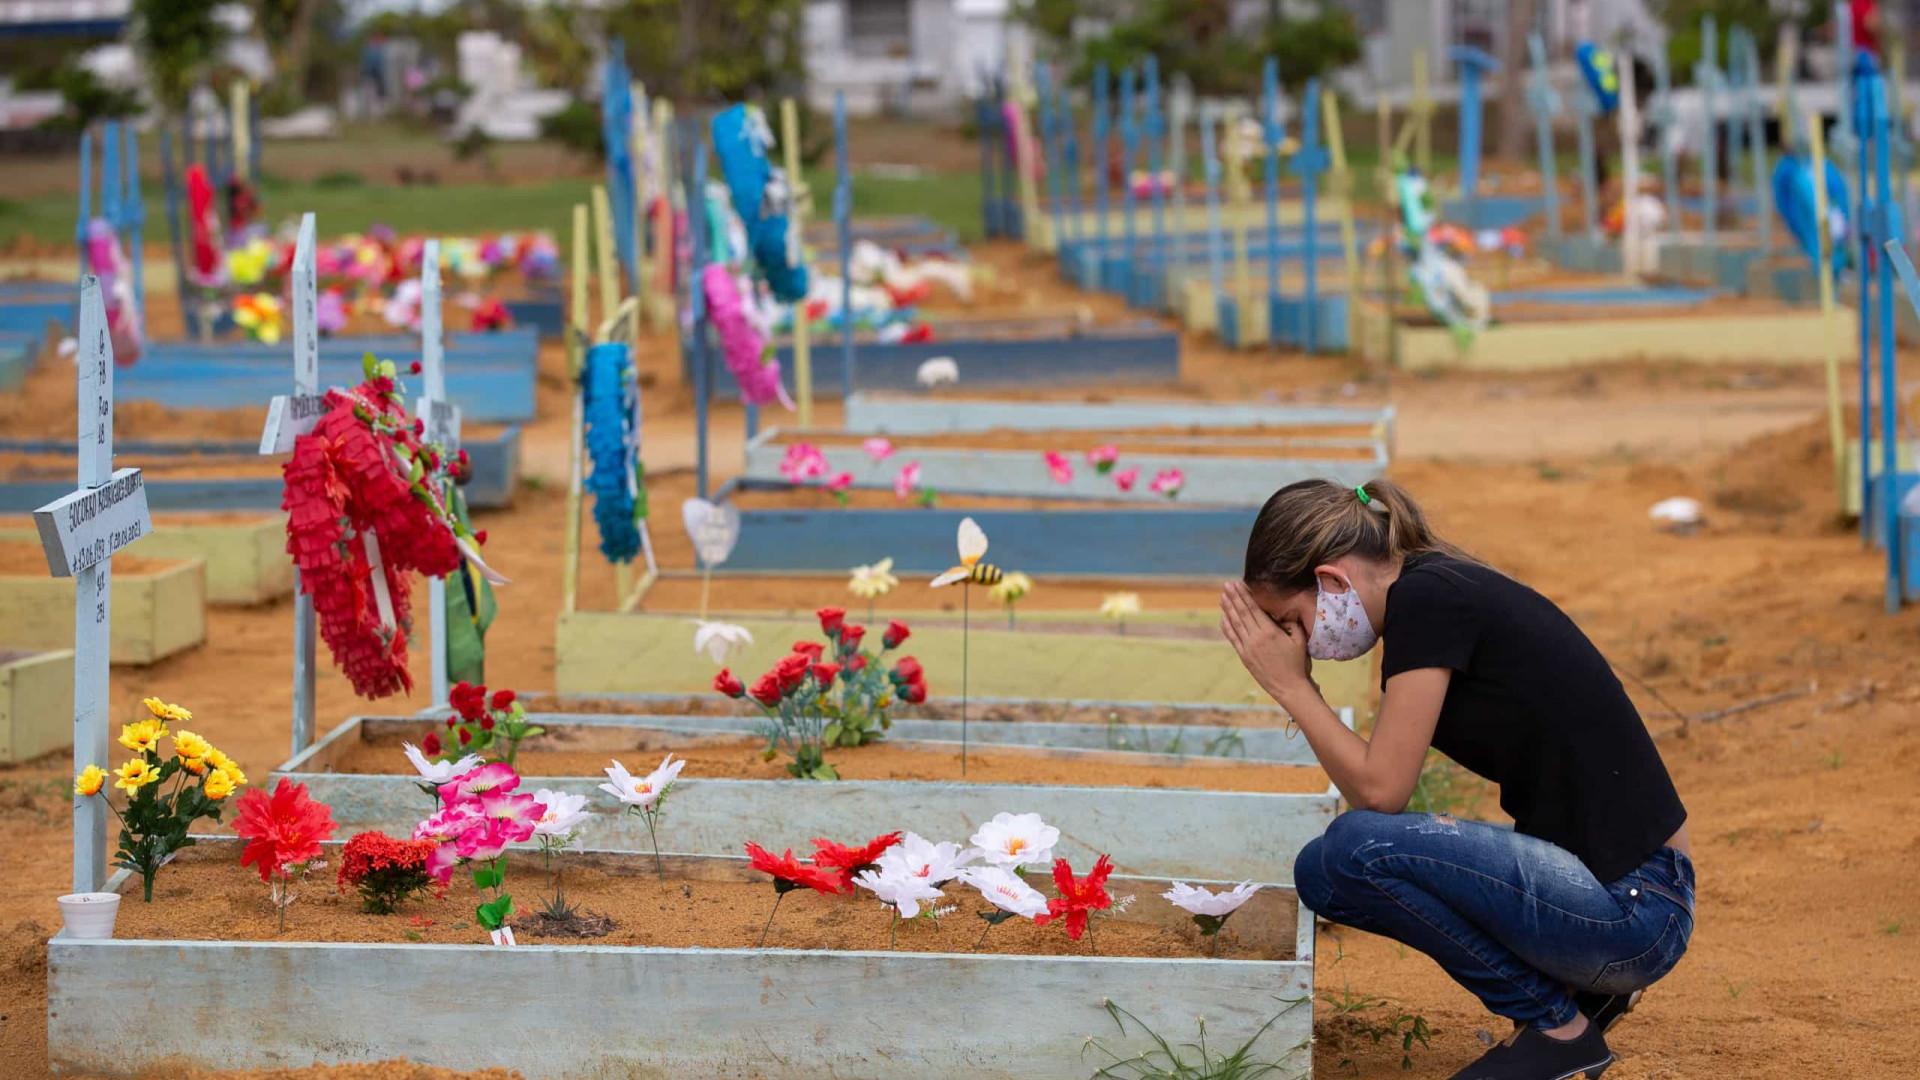 Brasil registra mais 764 mortes por covid-19 nas últimas 24h